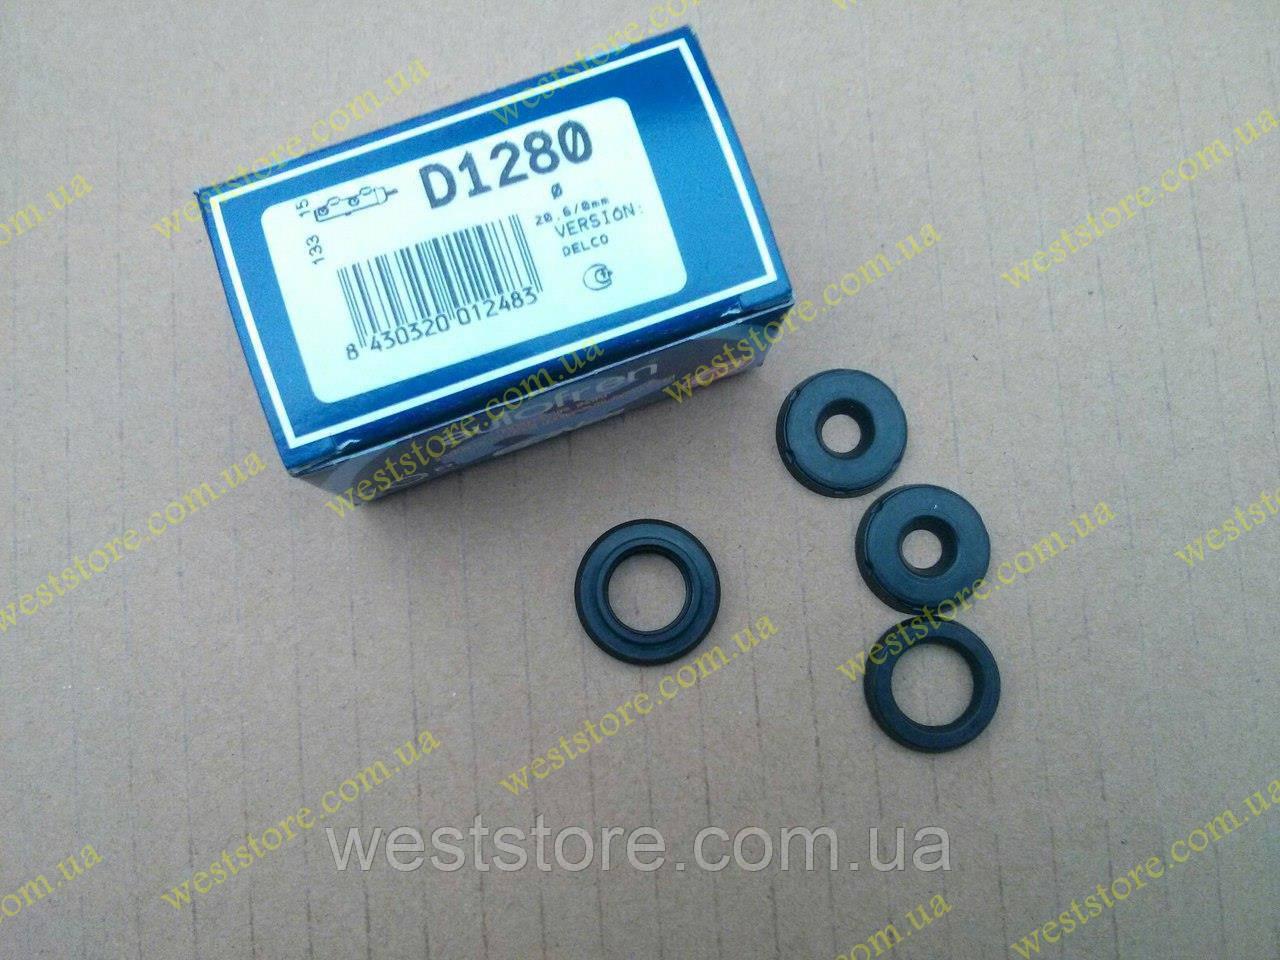 Ремкомплект главного тормозного цилиндра Lanos,Sens,Nexia,Nubira,Ланос,Сенс, 20.6 мм Autofren D1280